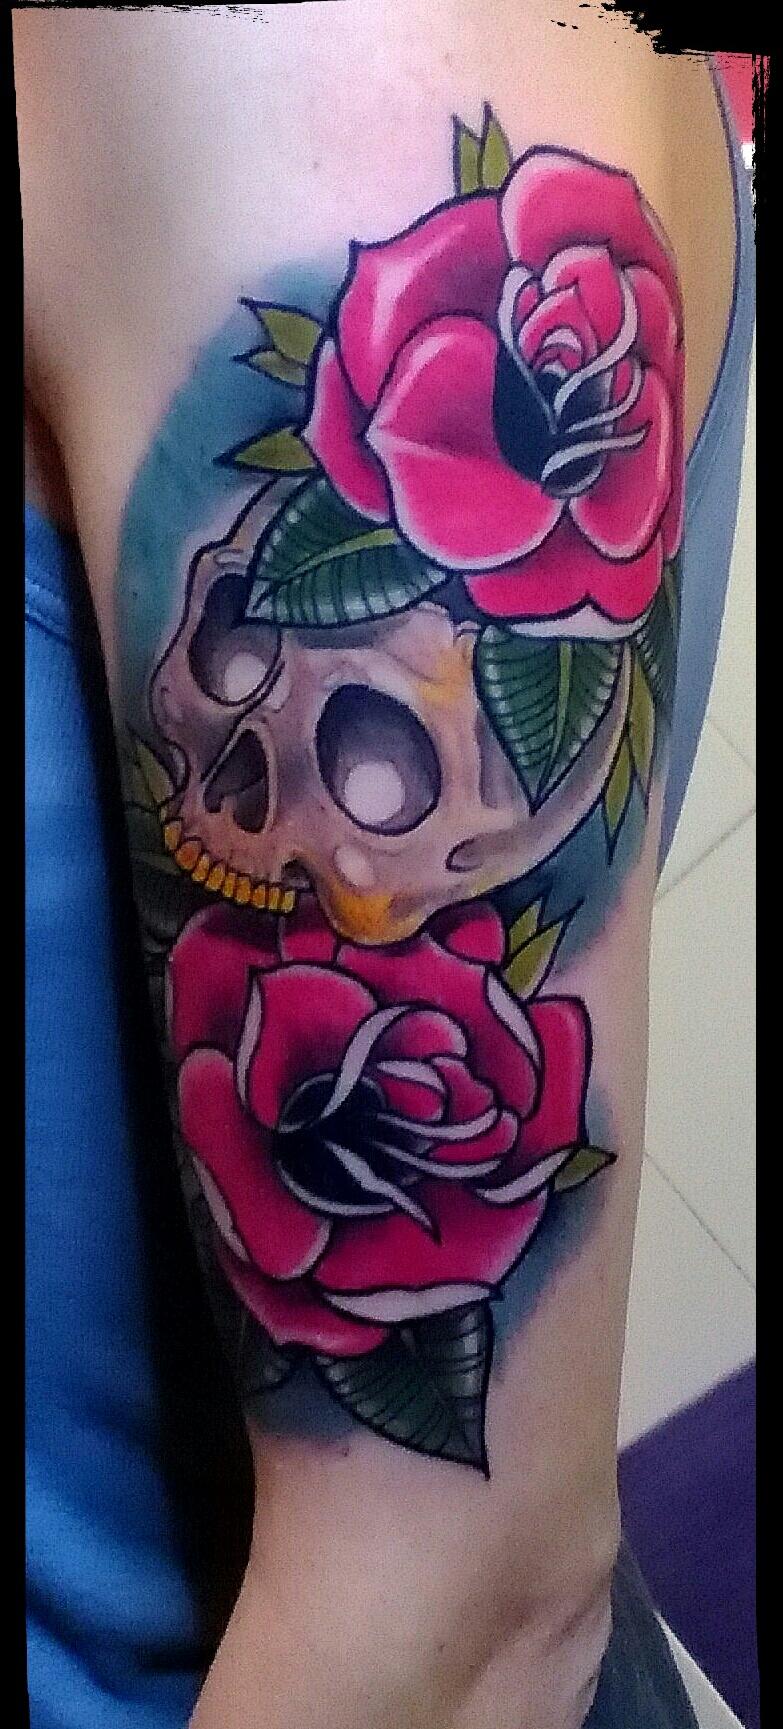 Tatuaje Calavera Rosas 13dePicas